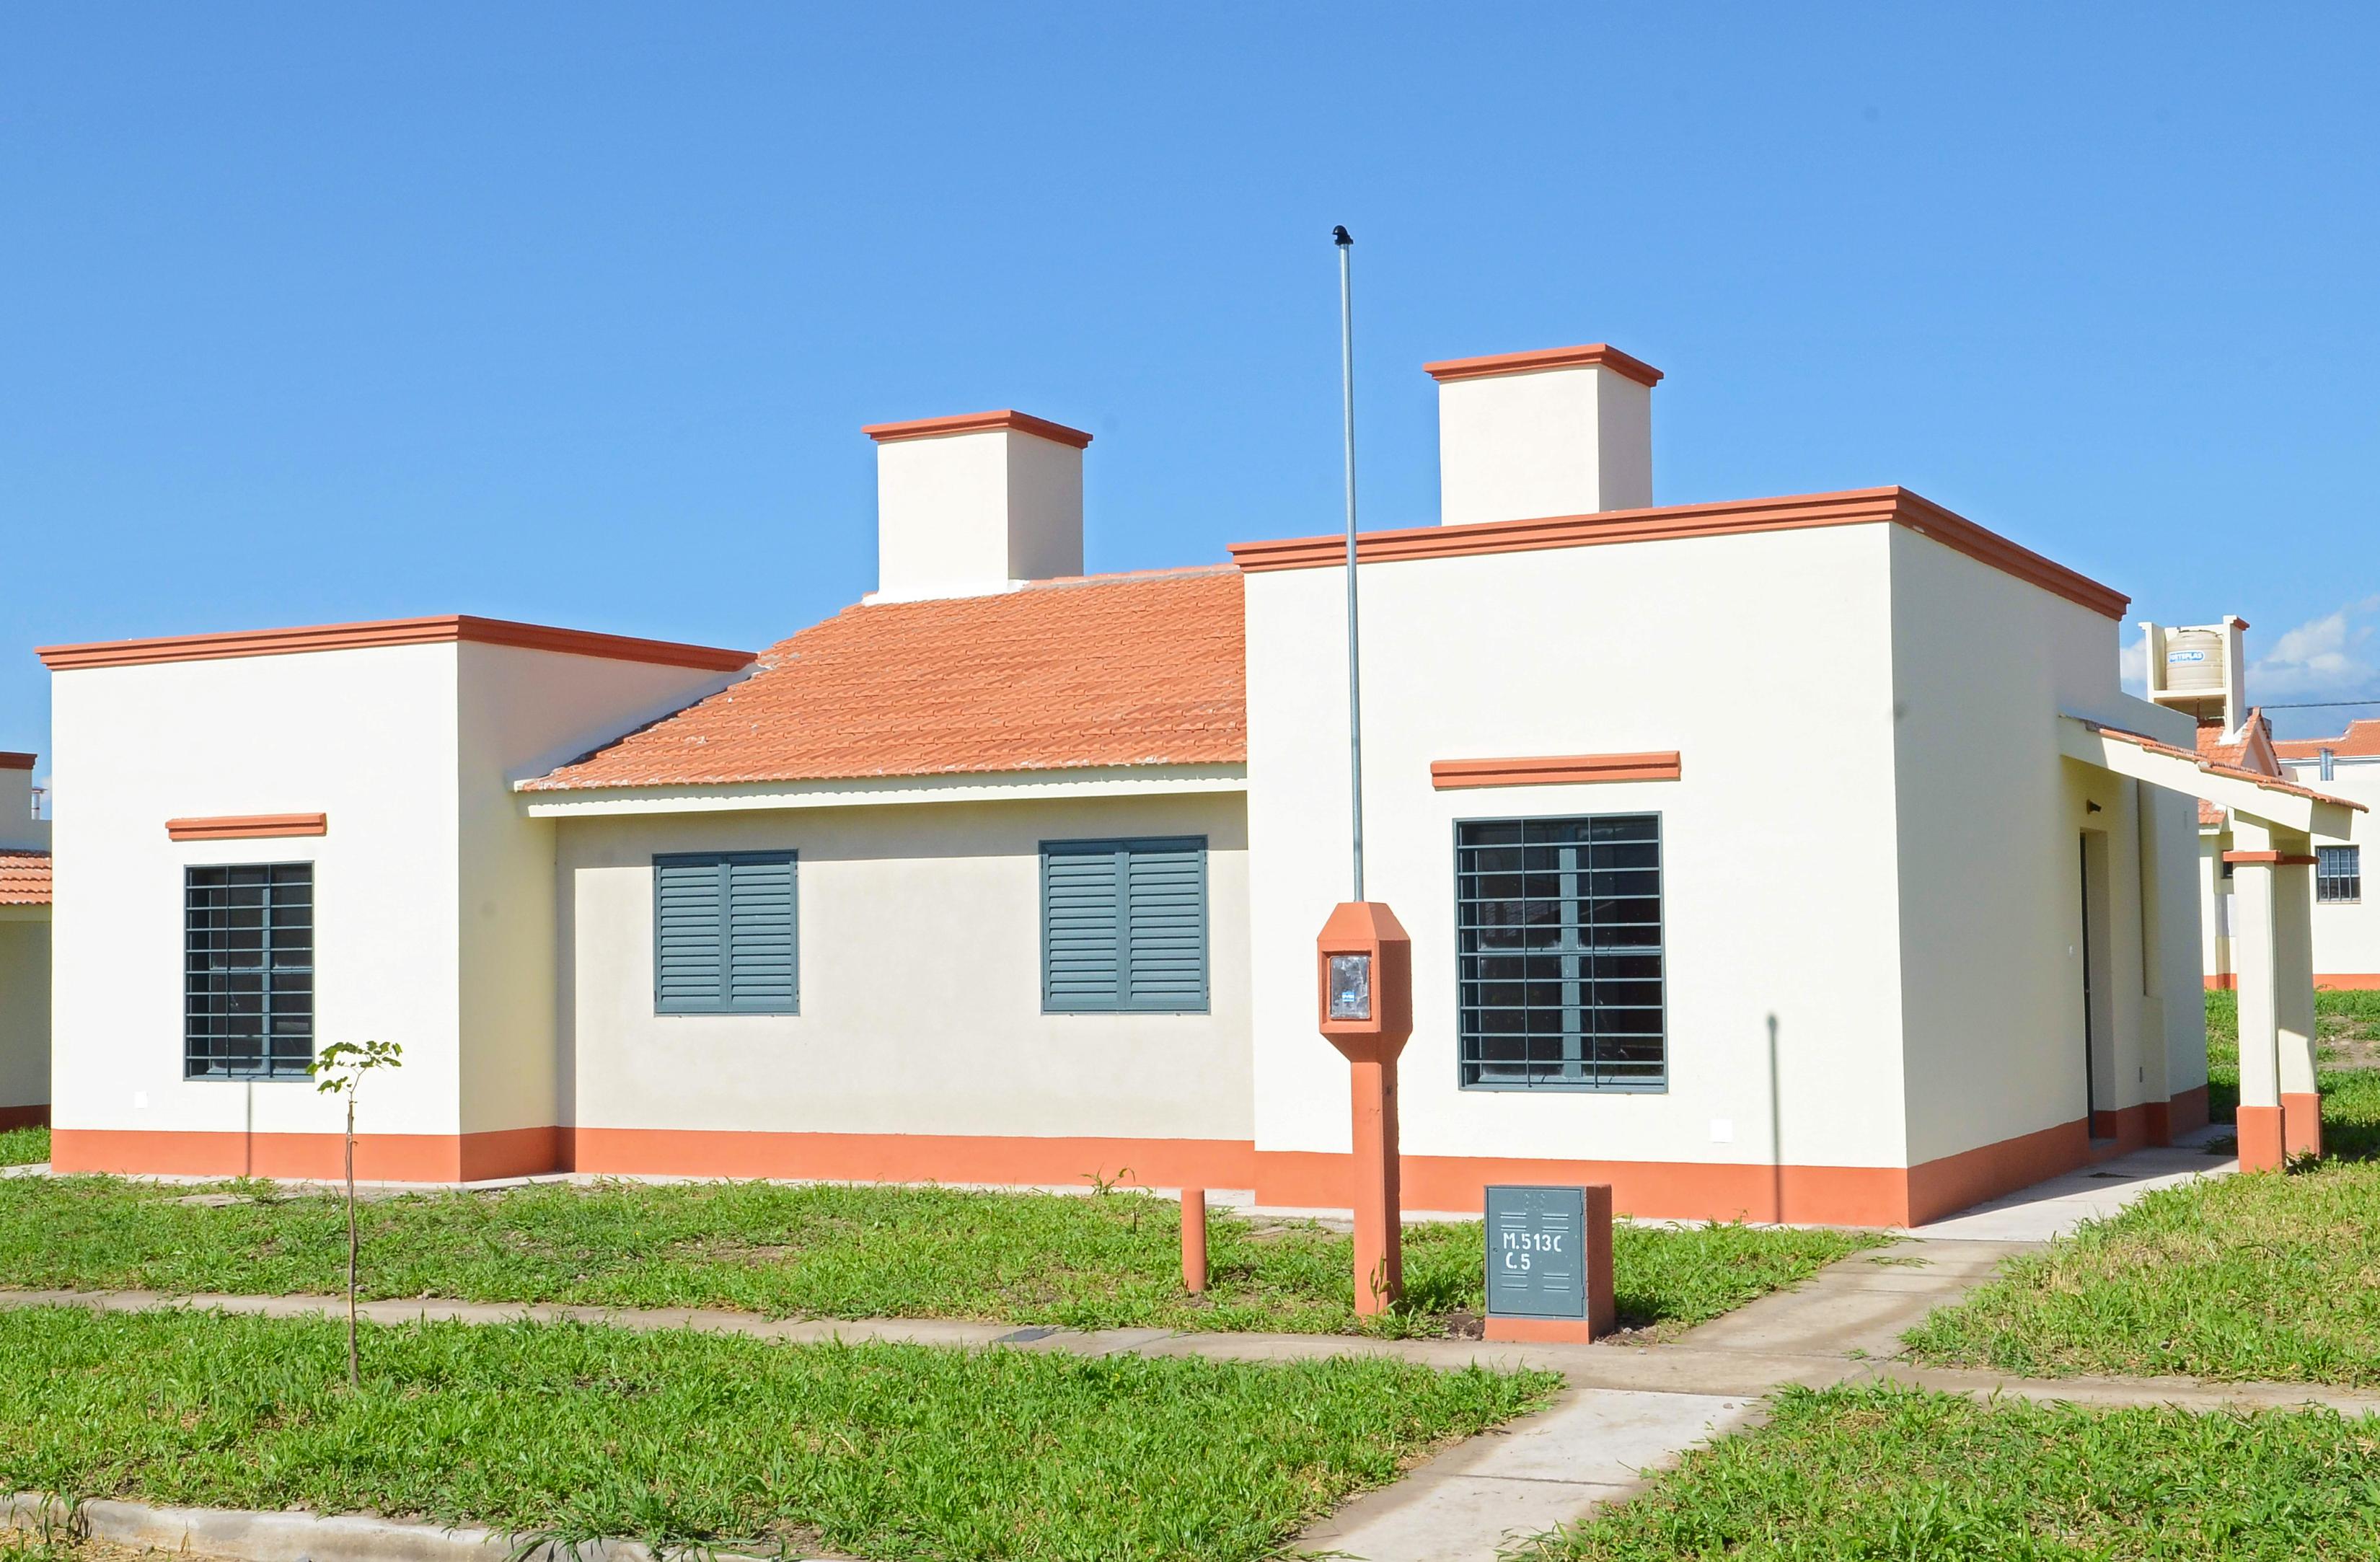 Instituto provincial de vivienda el ipv inicia un for Modelo de fachadas de viviendas